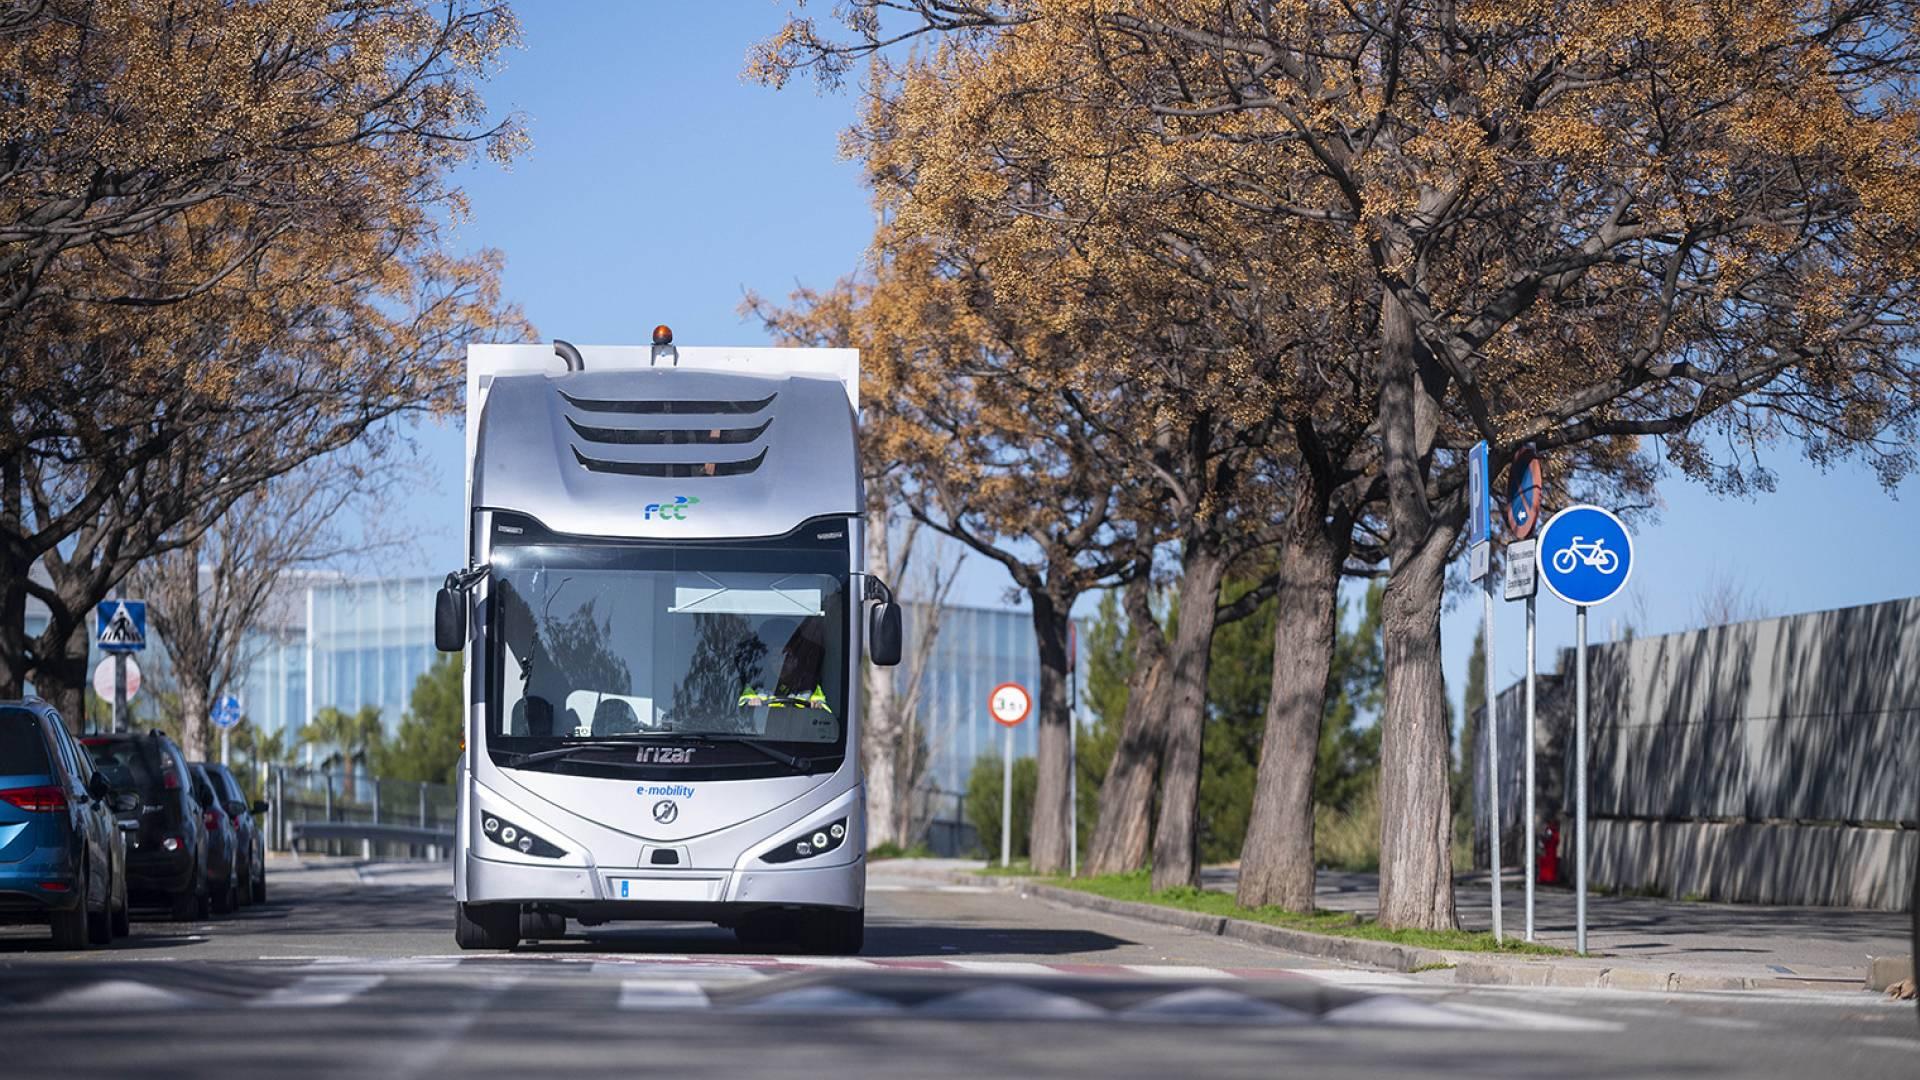 El Irizar ie truck protagonista de los Premios Europeos de Medio Ambiente a la Empresa